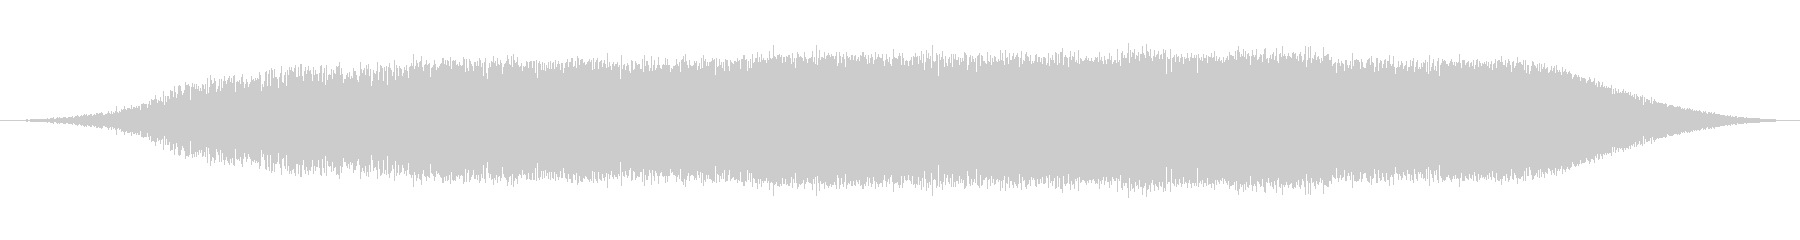 ドラム、囚人のロープ0-30の未再生の波形